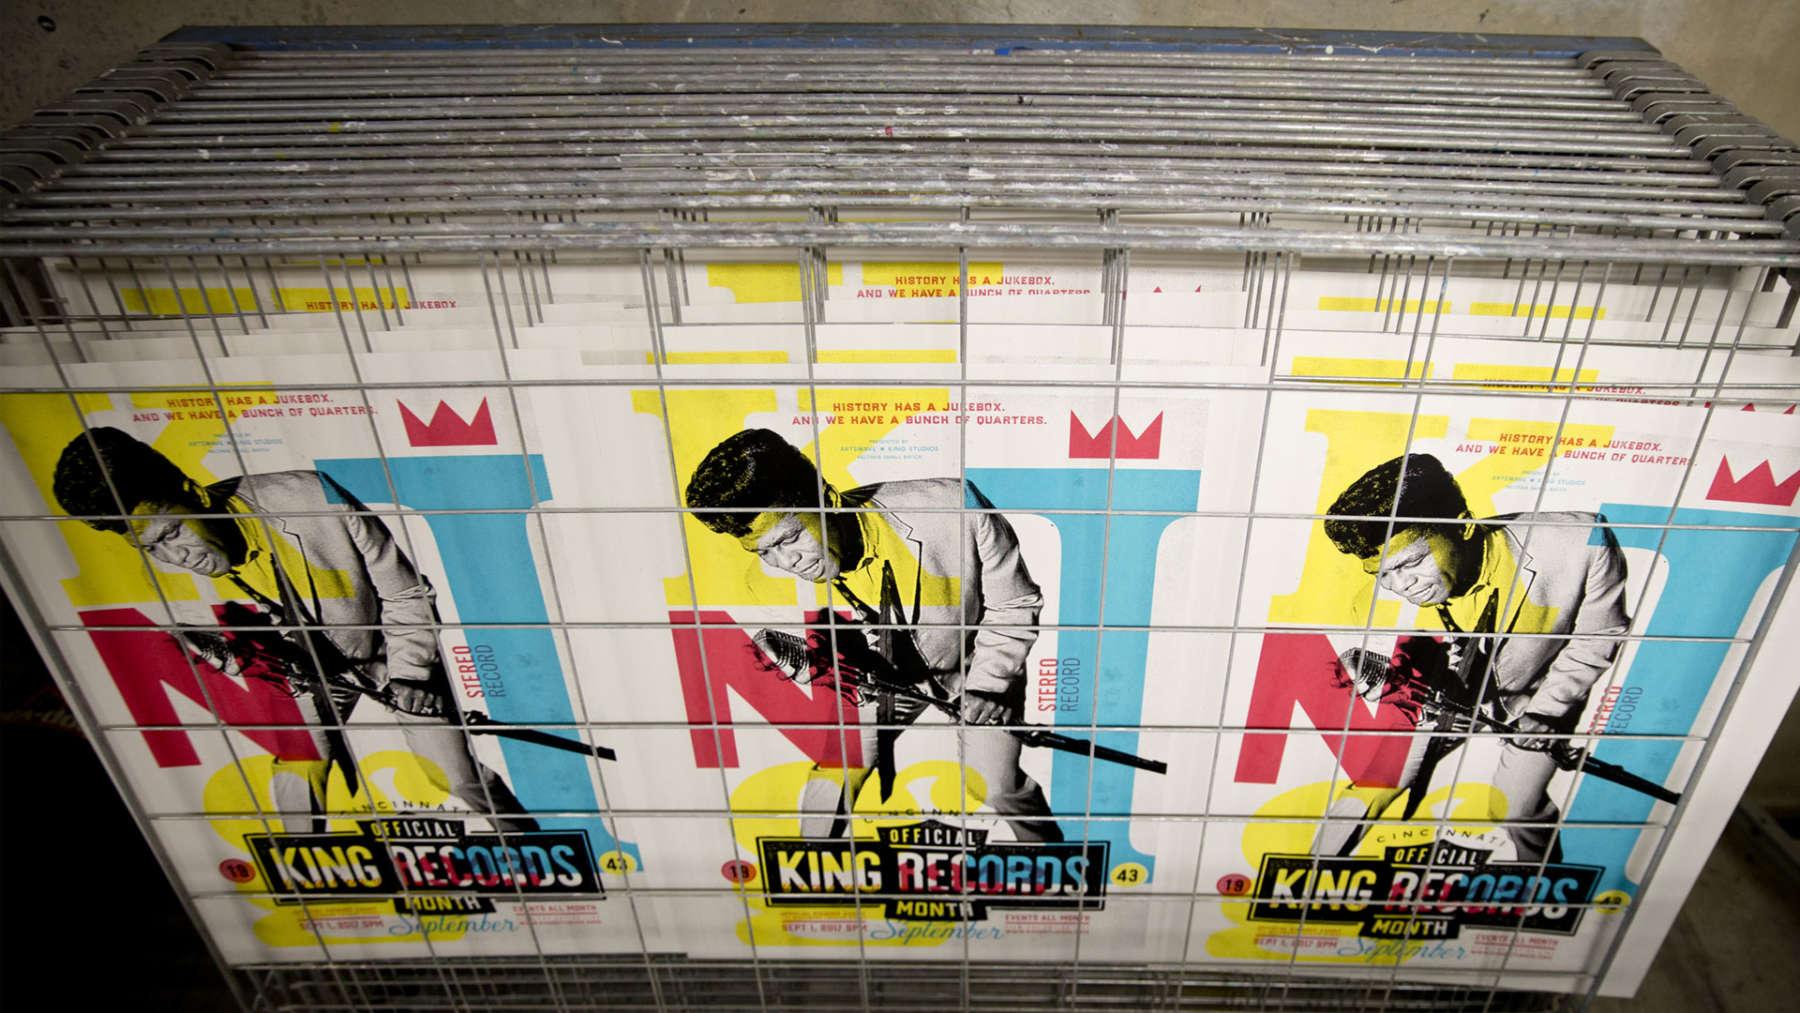 King_Slides_05